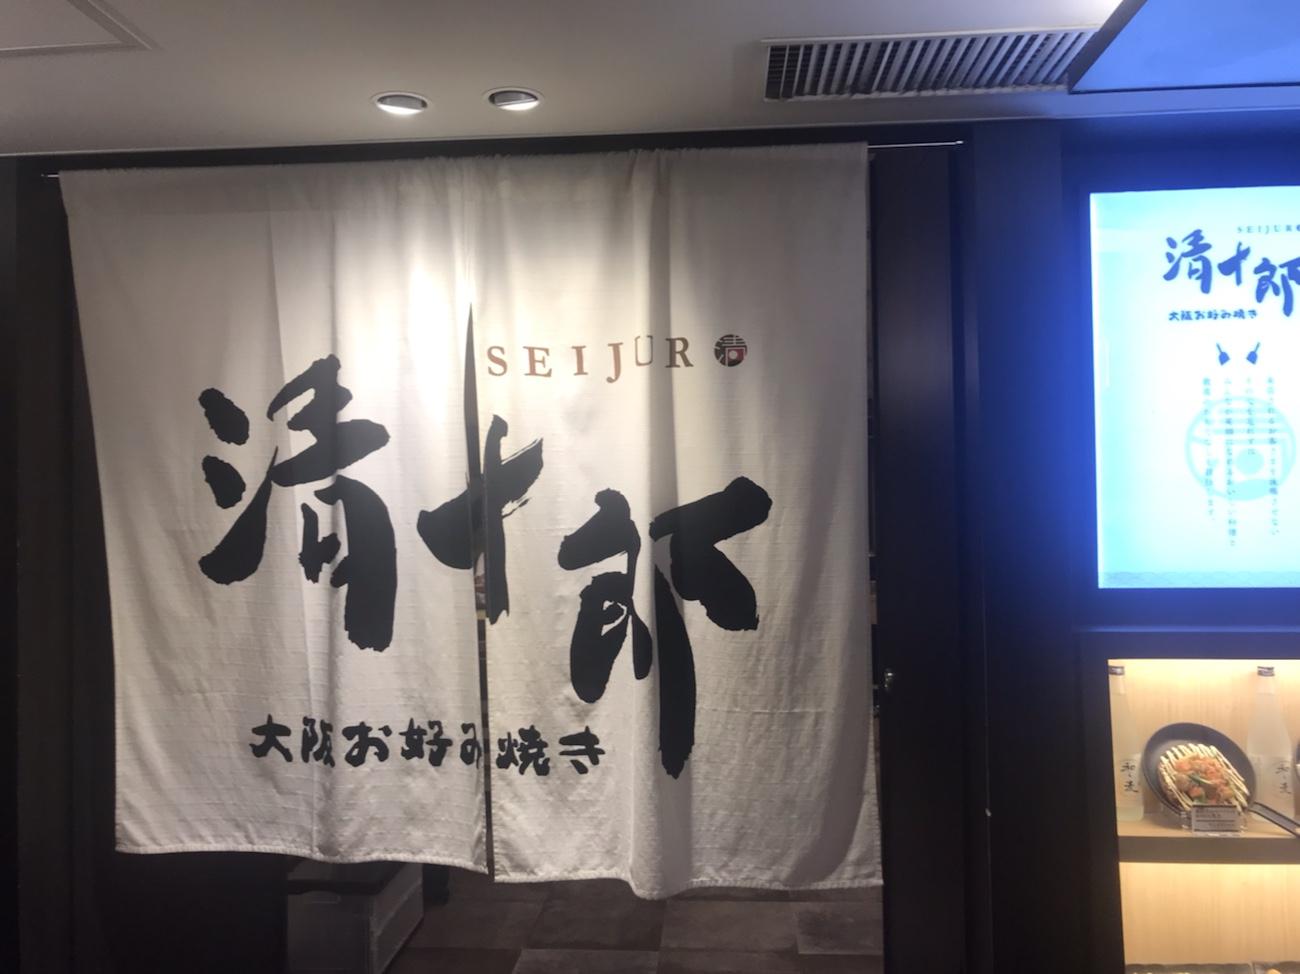 伊丹空港 食事 大阪お好み焼『清十郎』伊丹空港